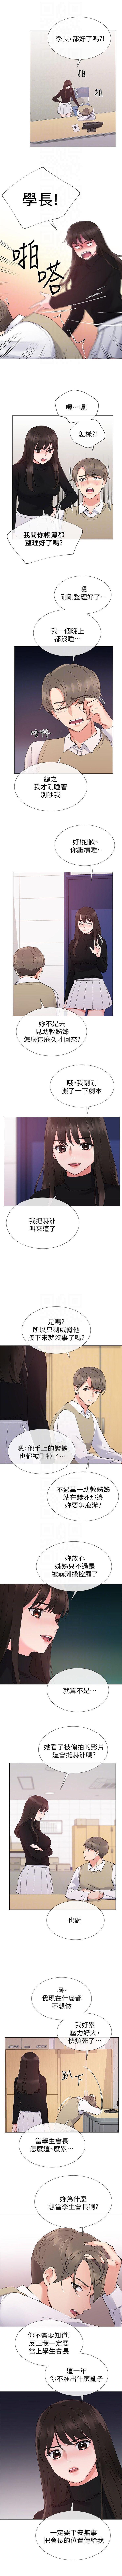 (週5)重考生 1-52 中文翻譯(更新中) 146